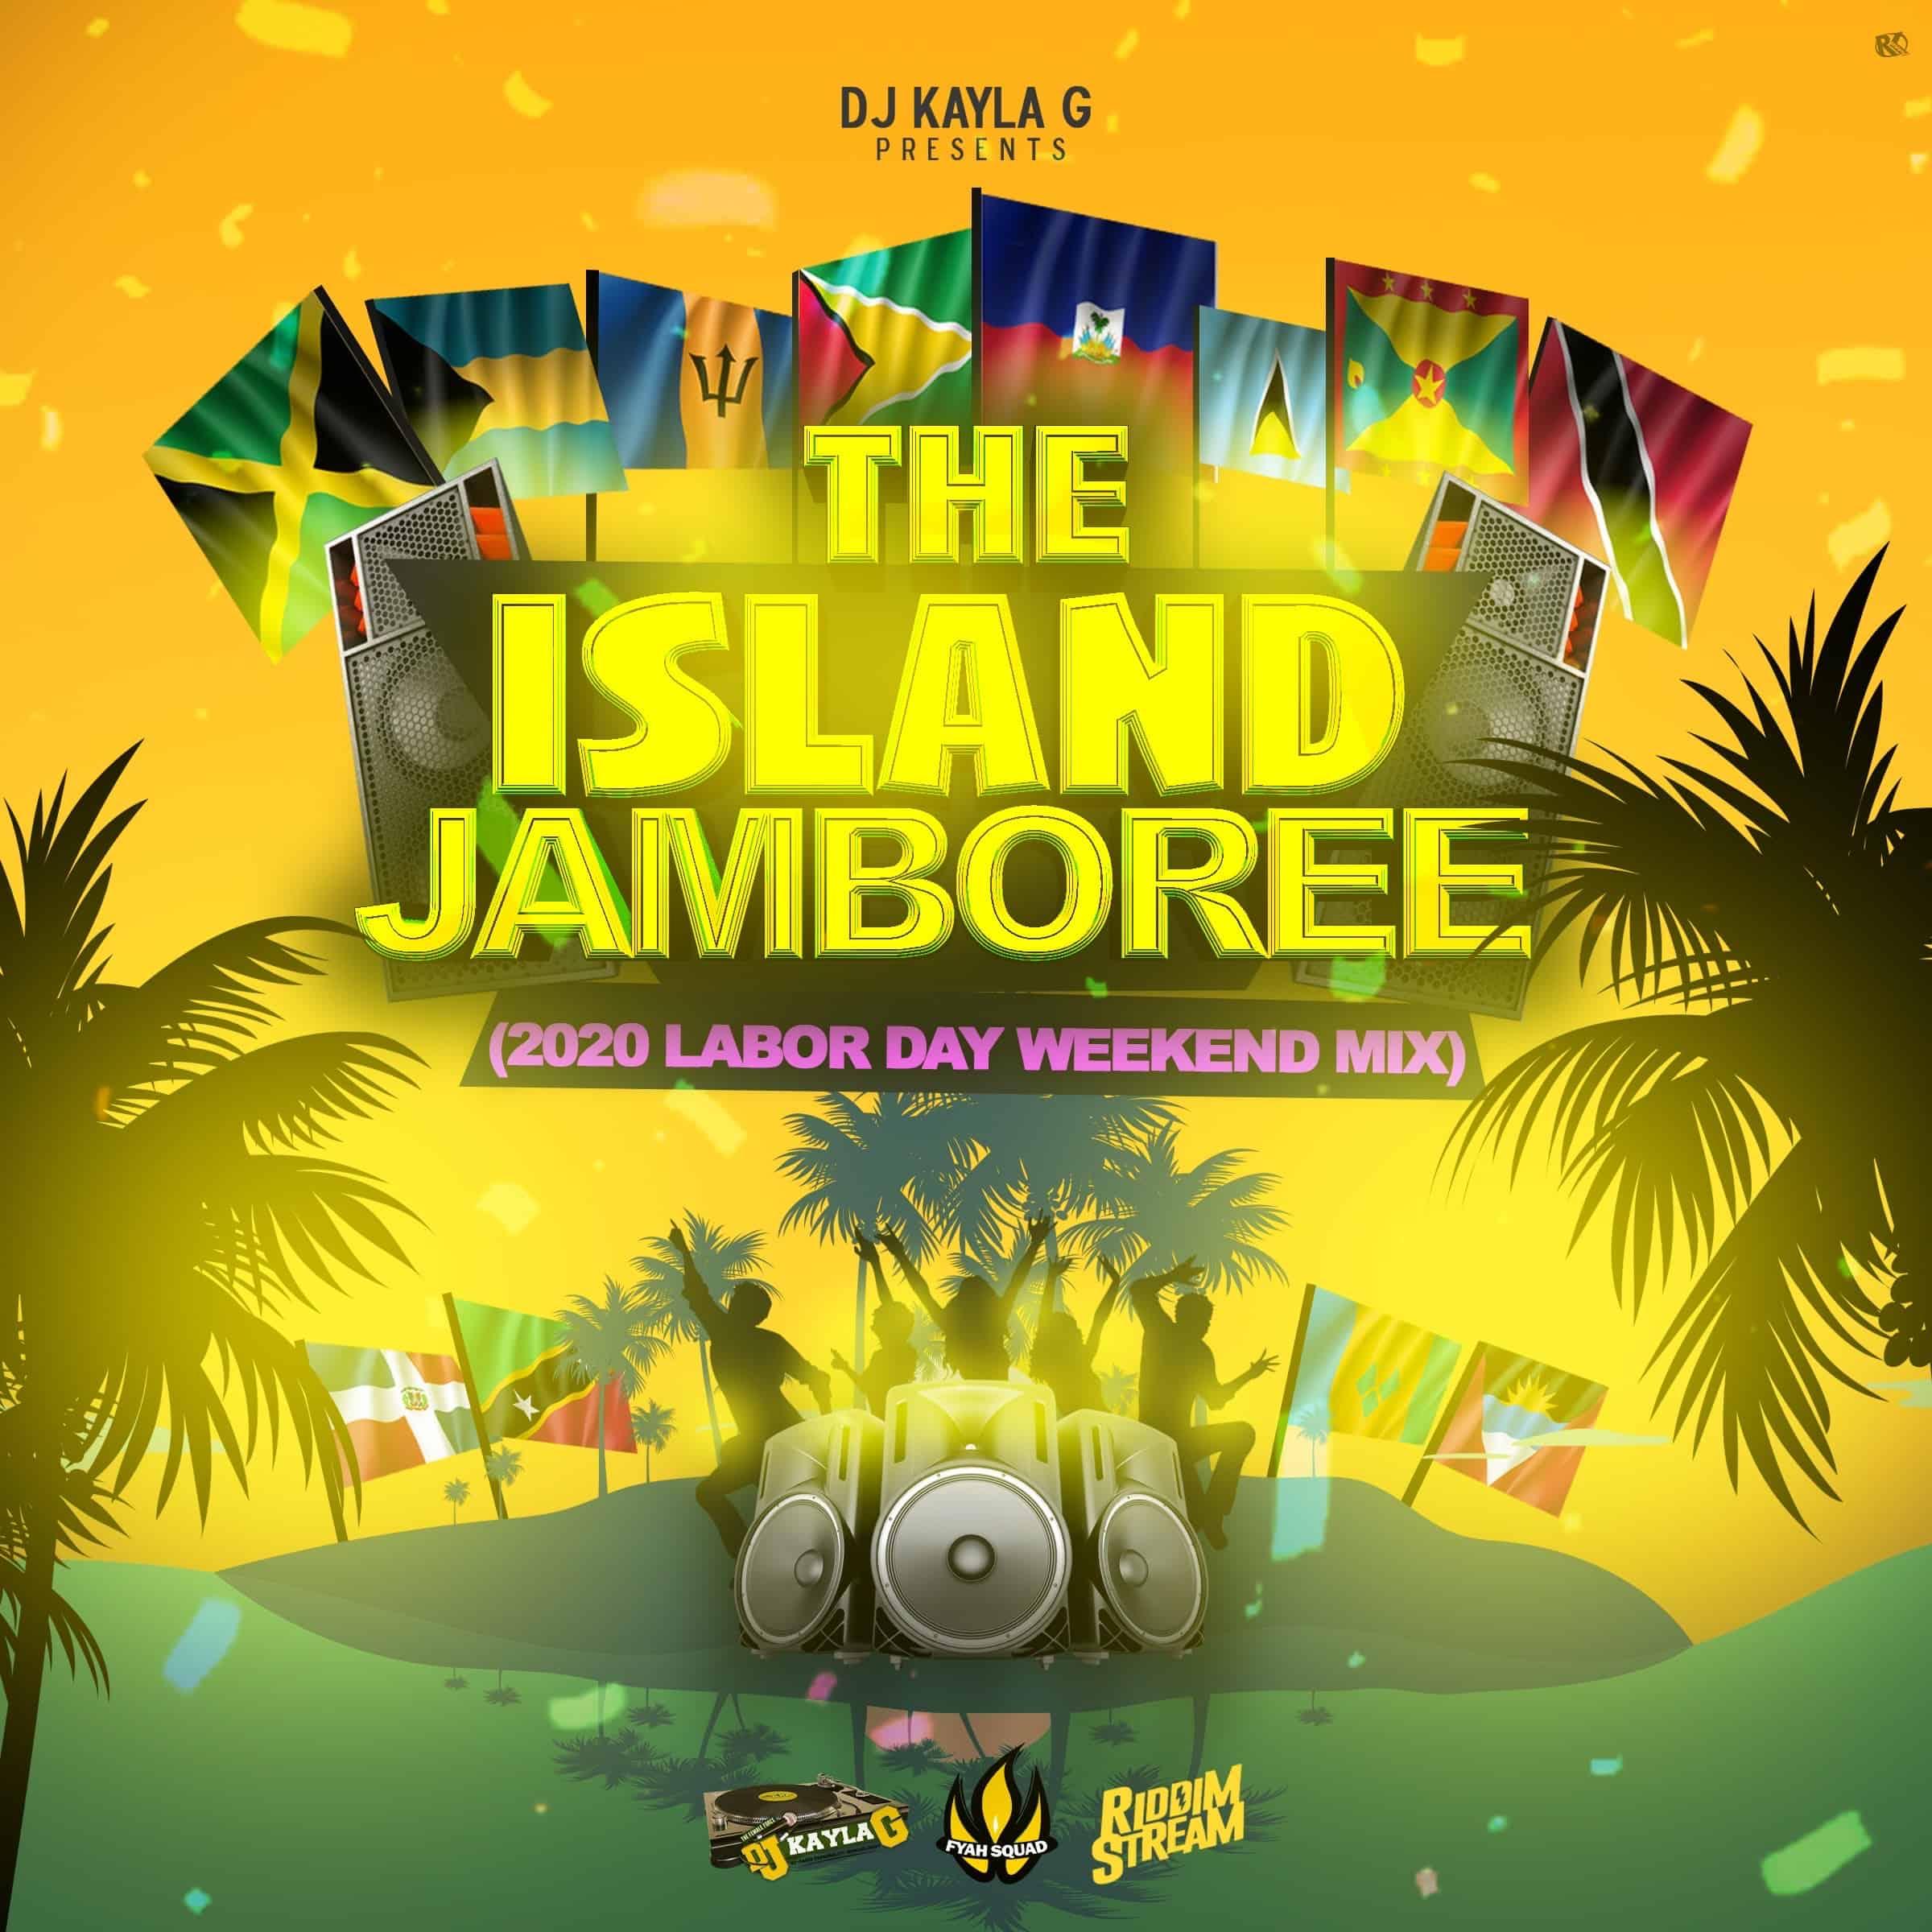 DJ Kayla G - The Island Jamboree (2020 Labor Day Weekend Mix)